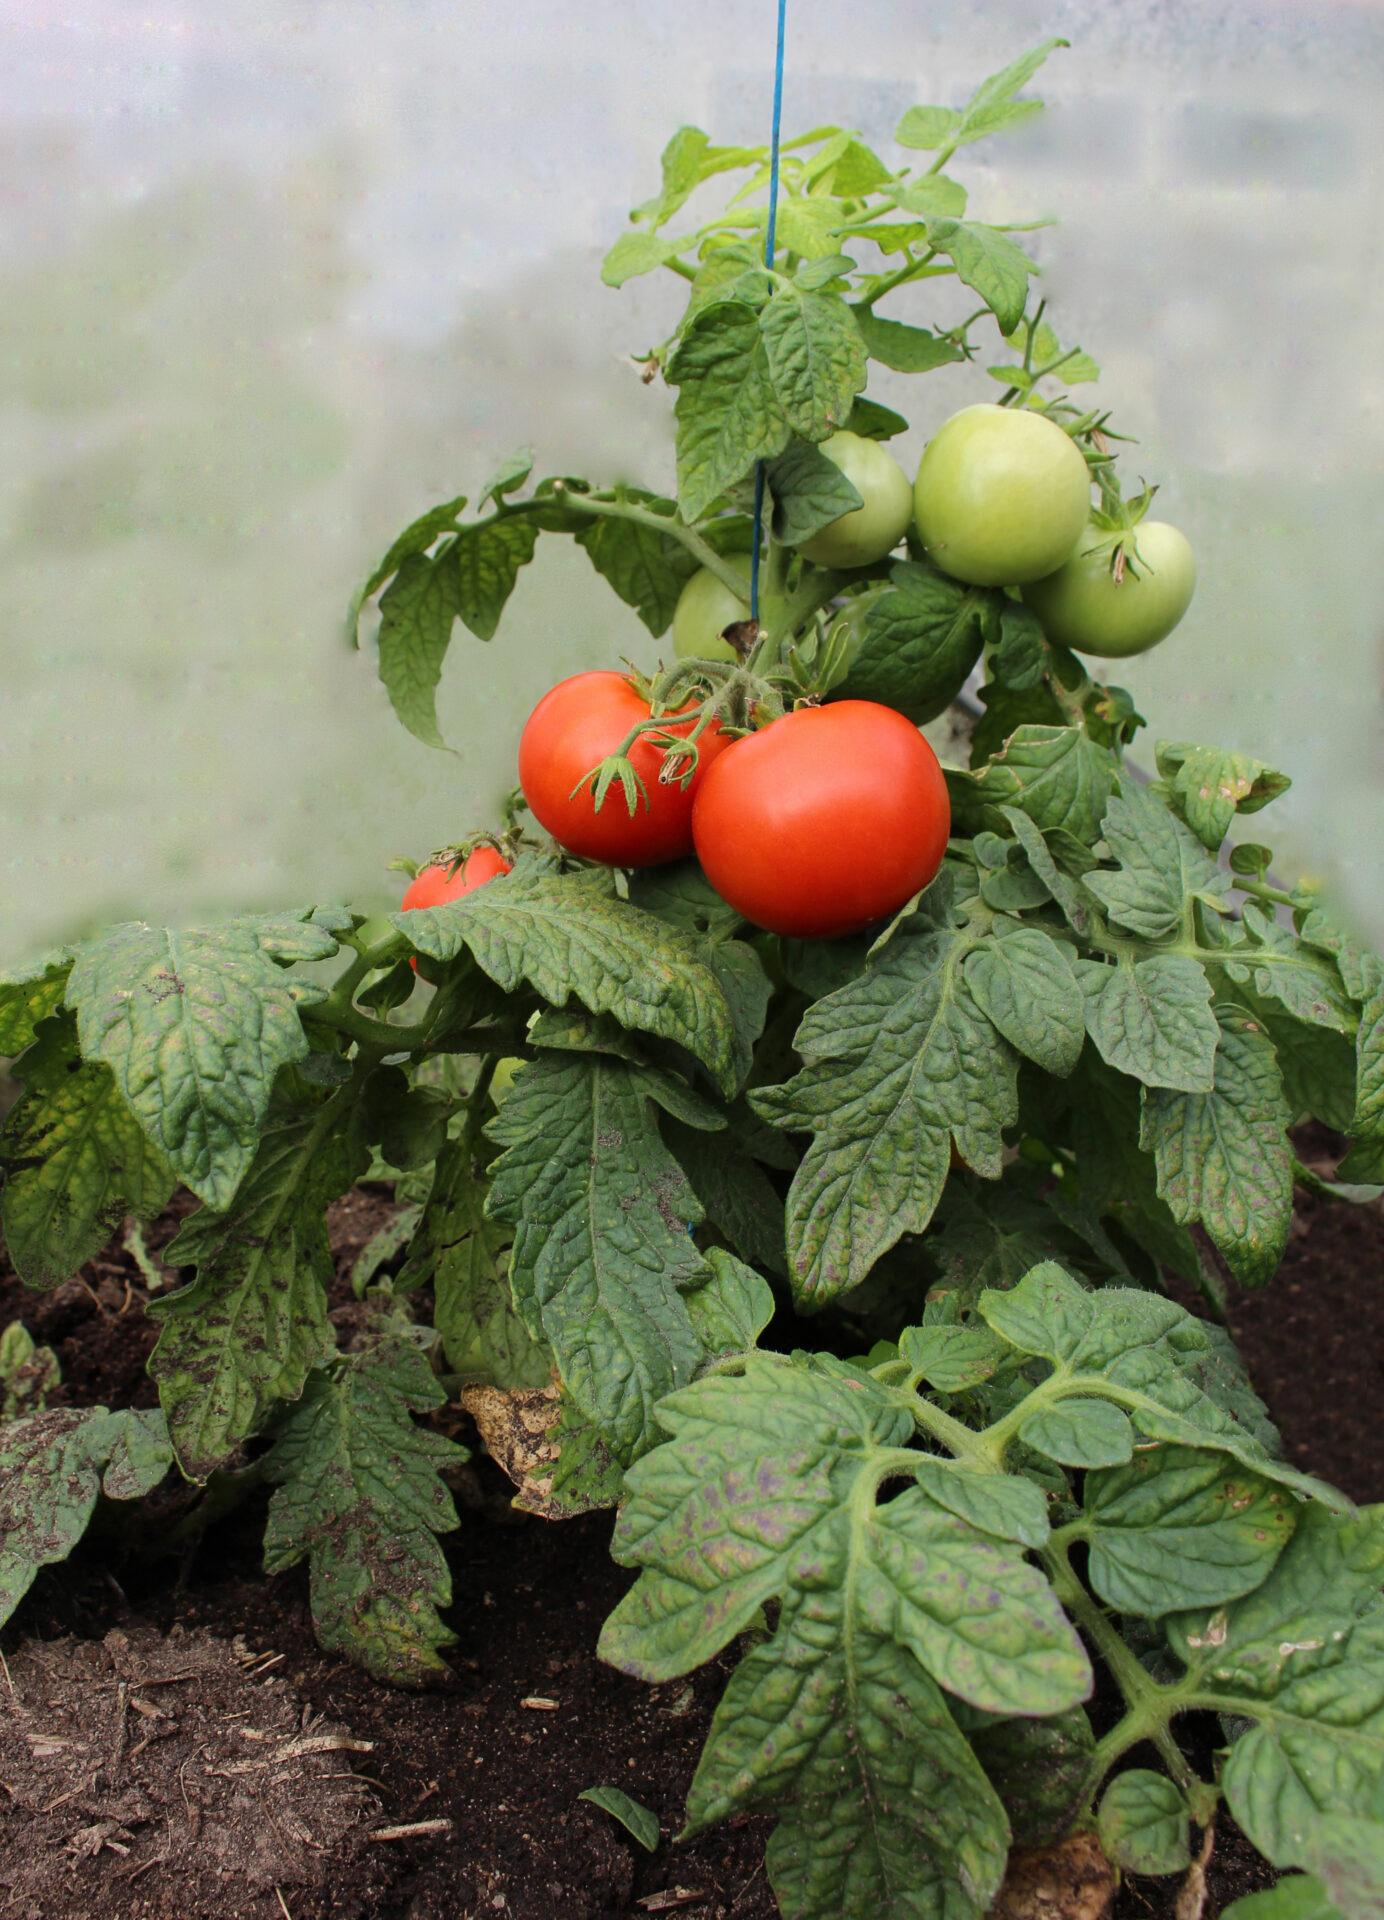 Varto tomat poolkõrge